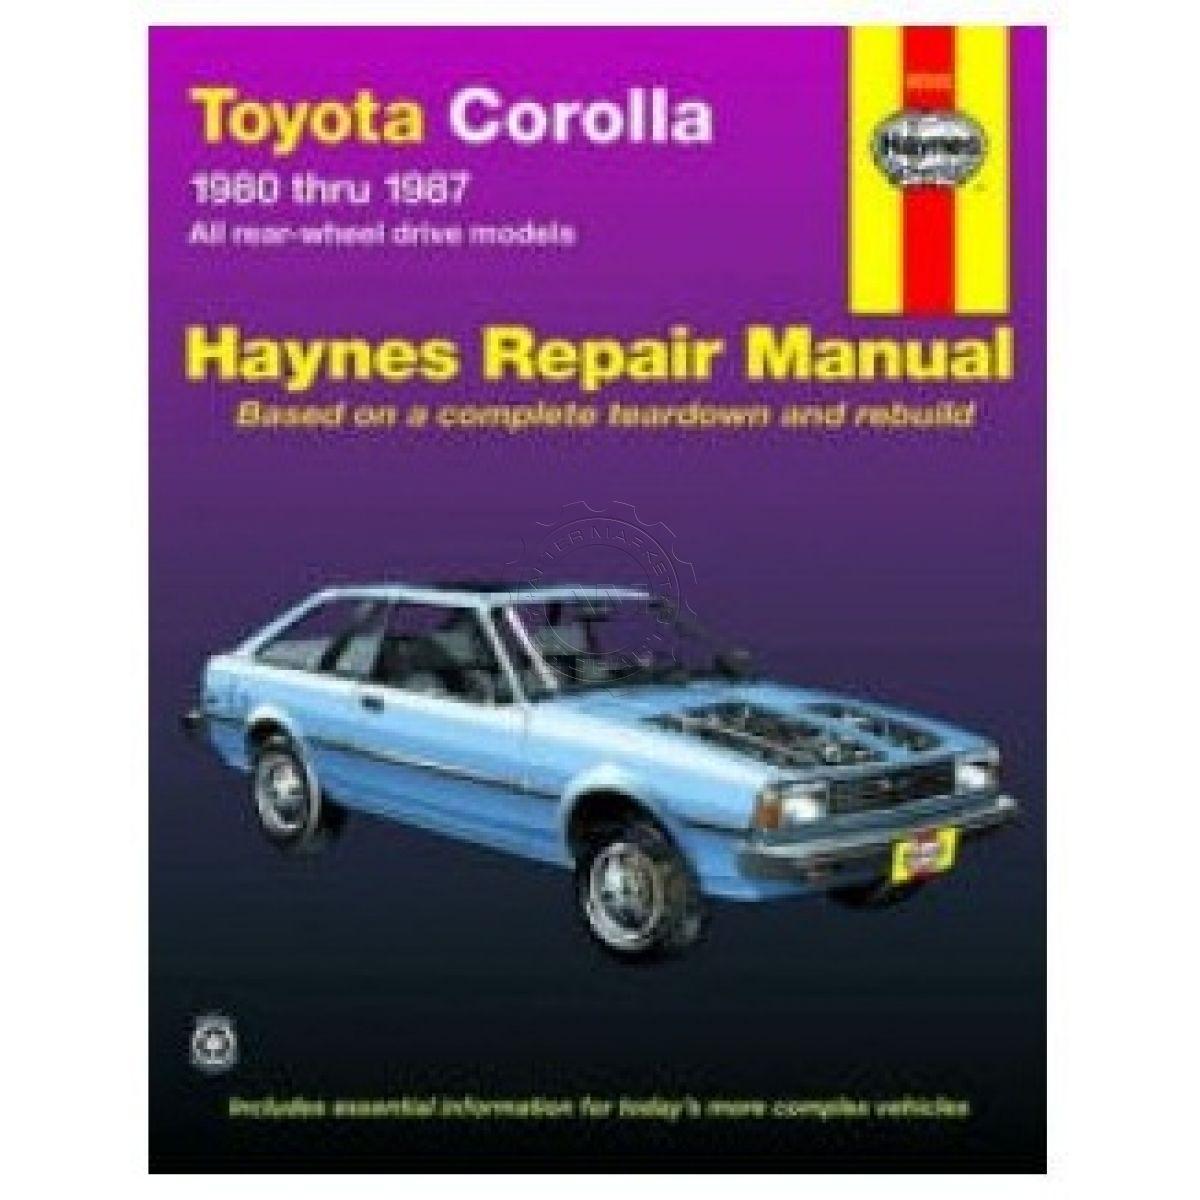 haynes repair manual for toyota corolla 80 83 84 85 86 87 ebay rh ebay com 83 Toyota Corolla Toyota Corolla AE86